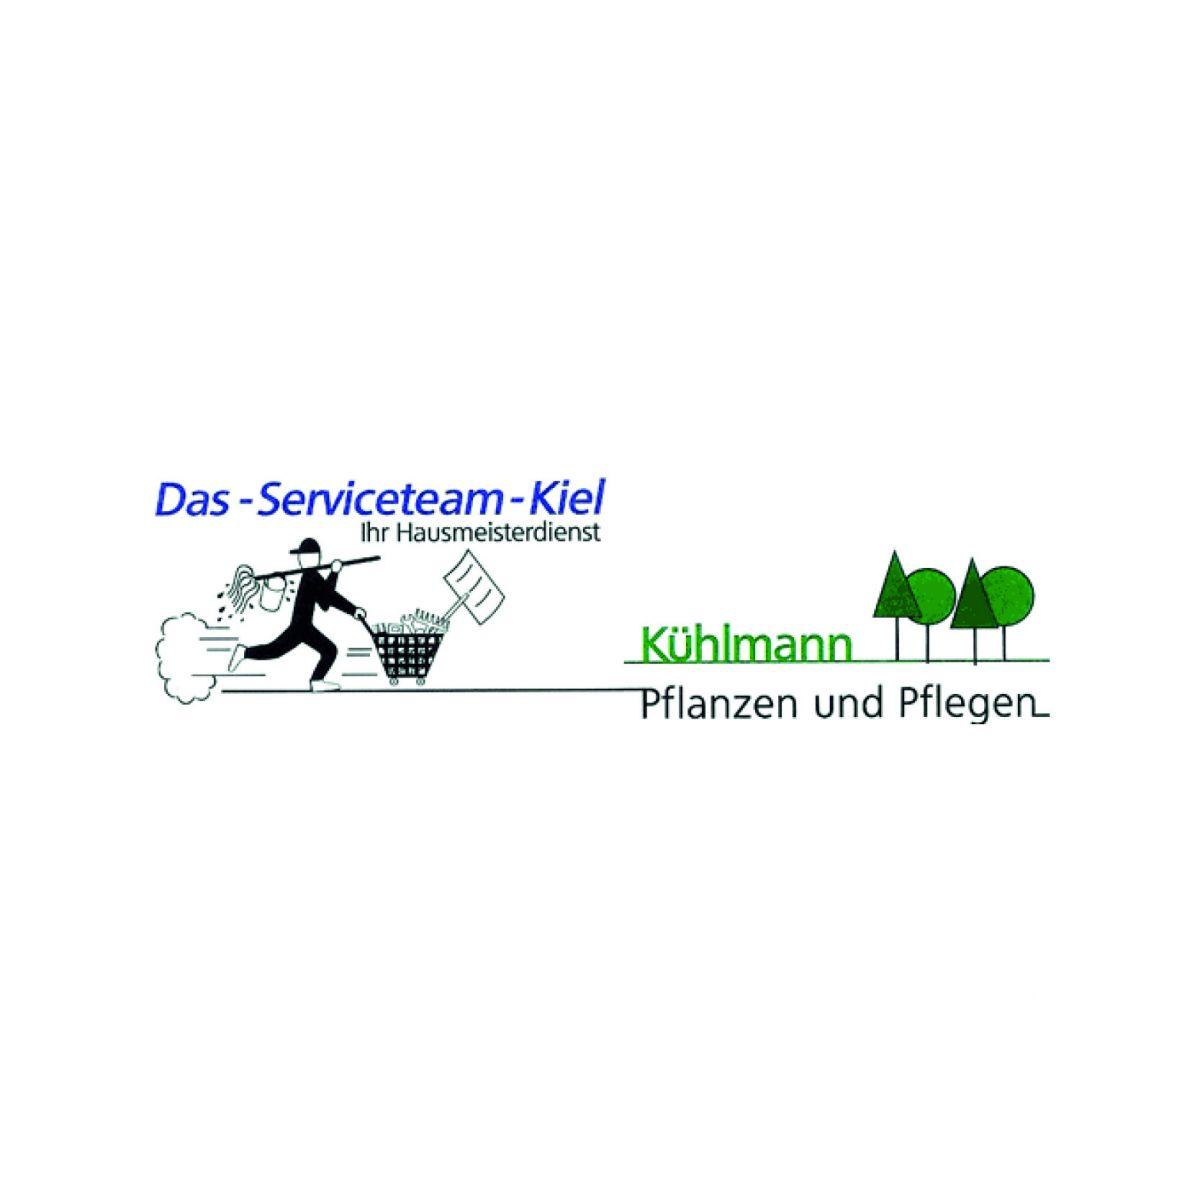 Das Serviceteam Kiel